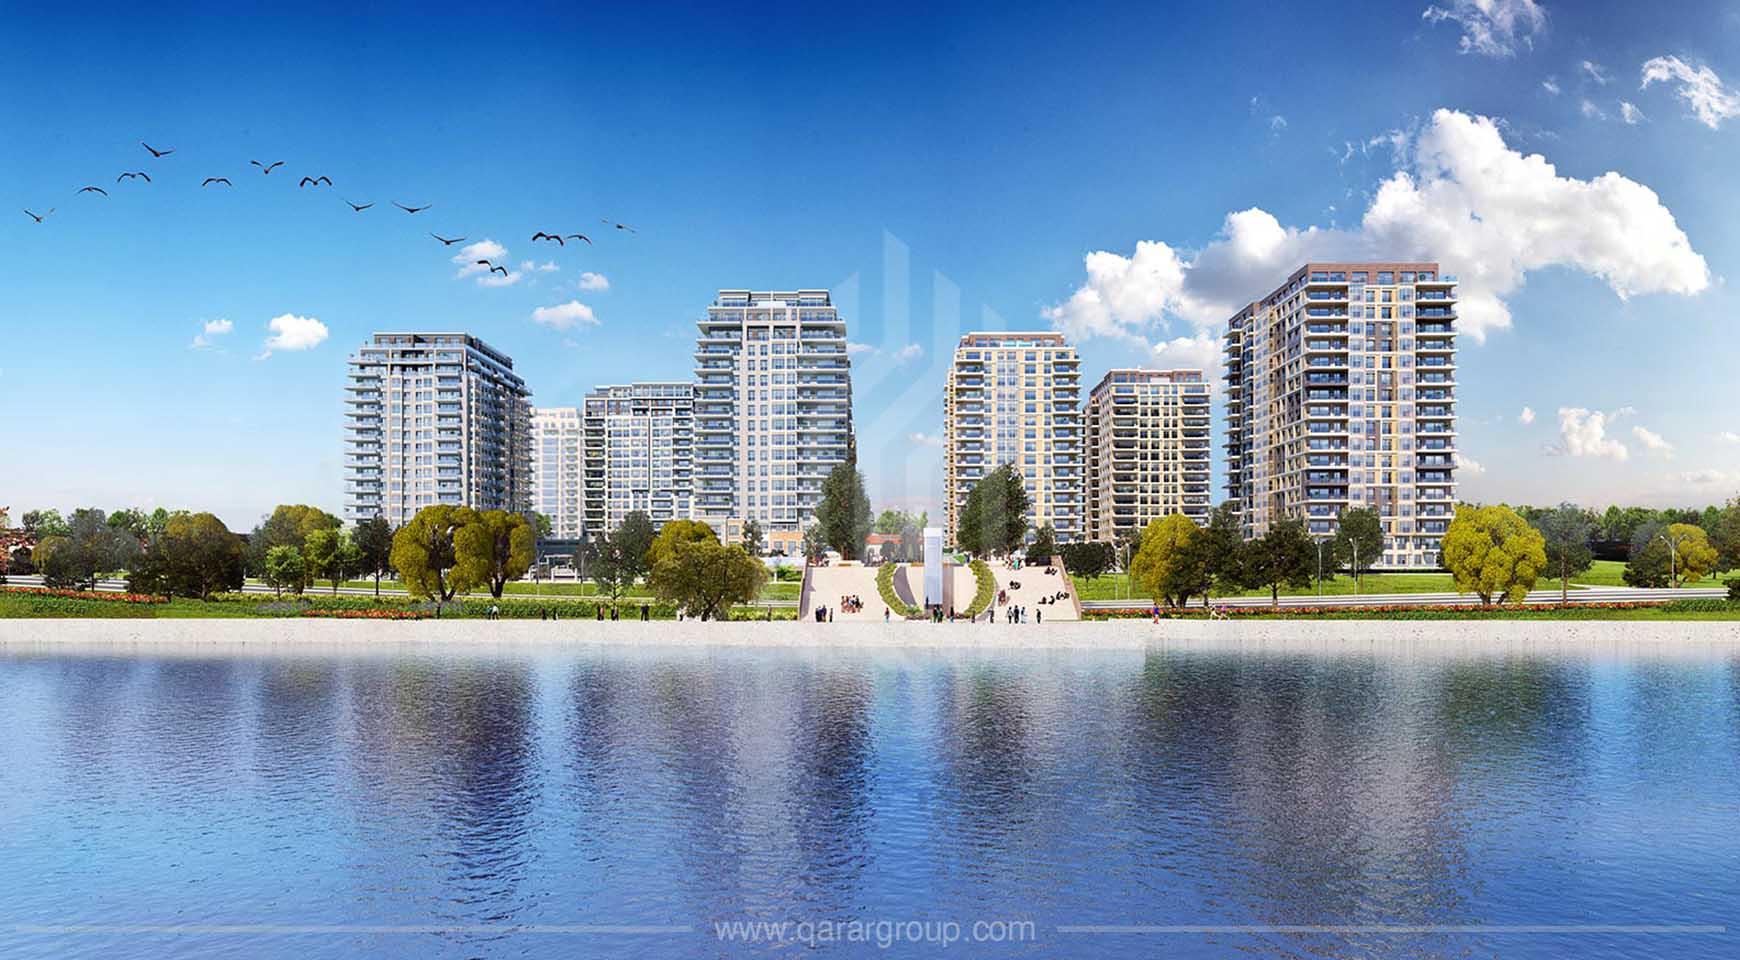 مجمع شقق الساحل الكبير في اسطنبول